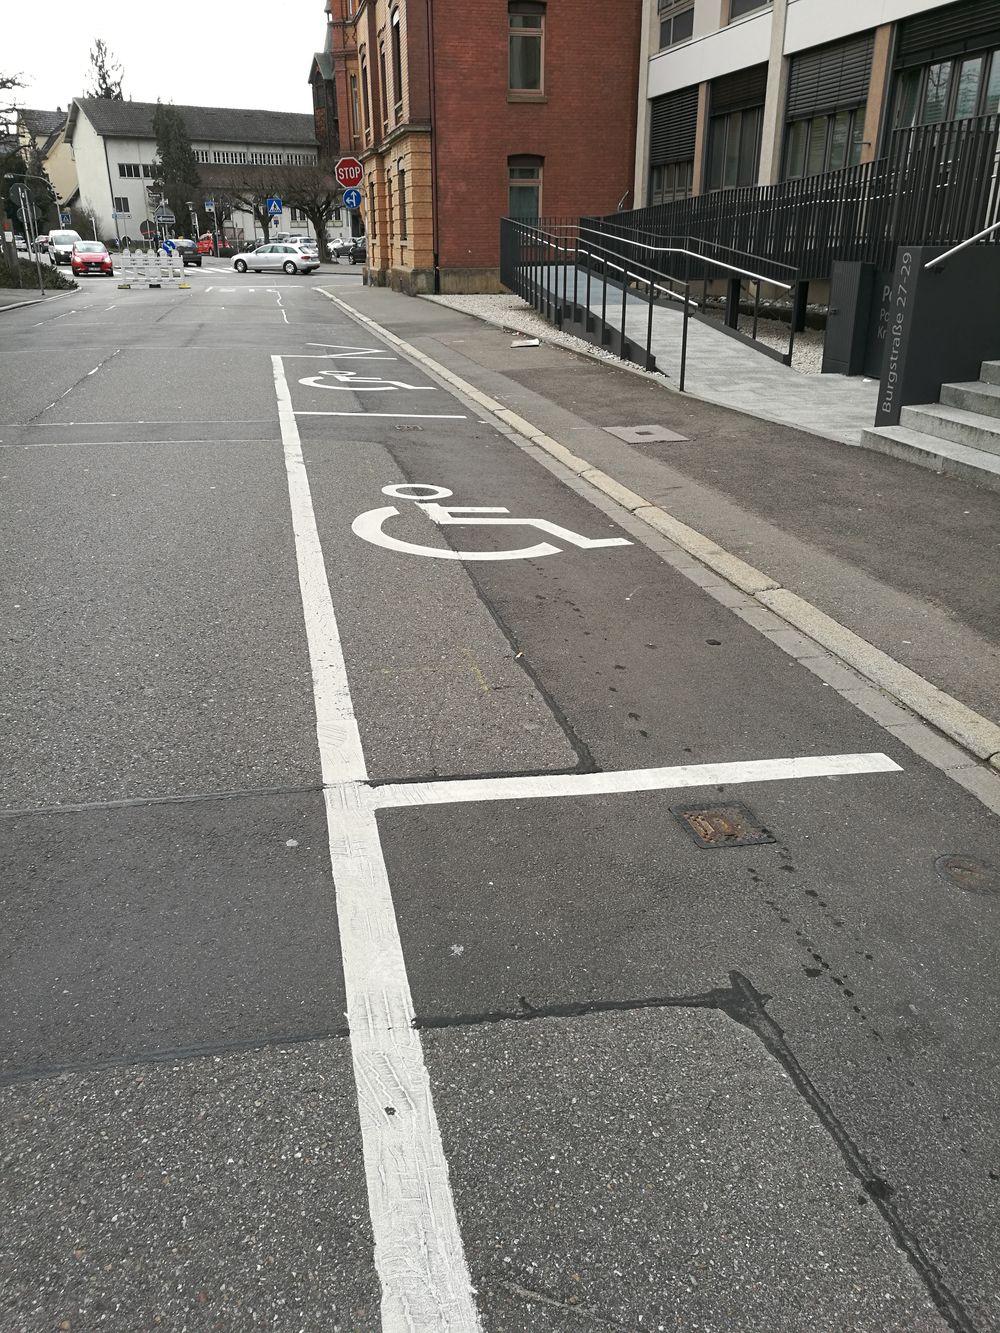 2 Behindertenparkplätze in der Burgstraße 27/Polizei